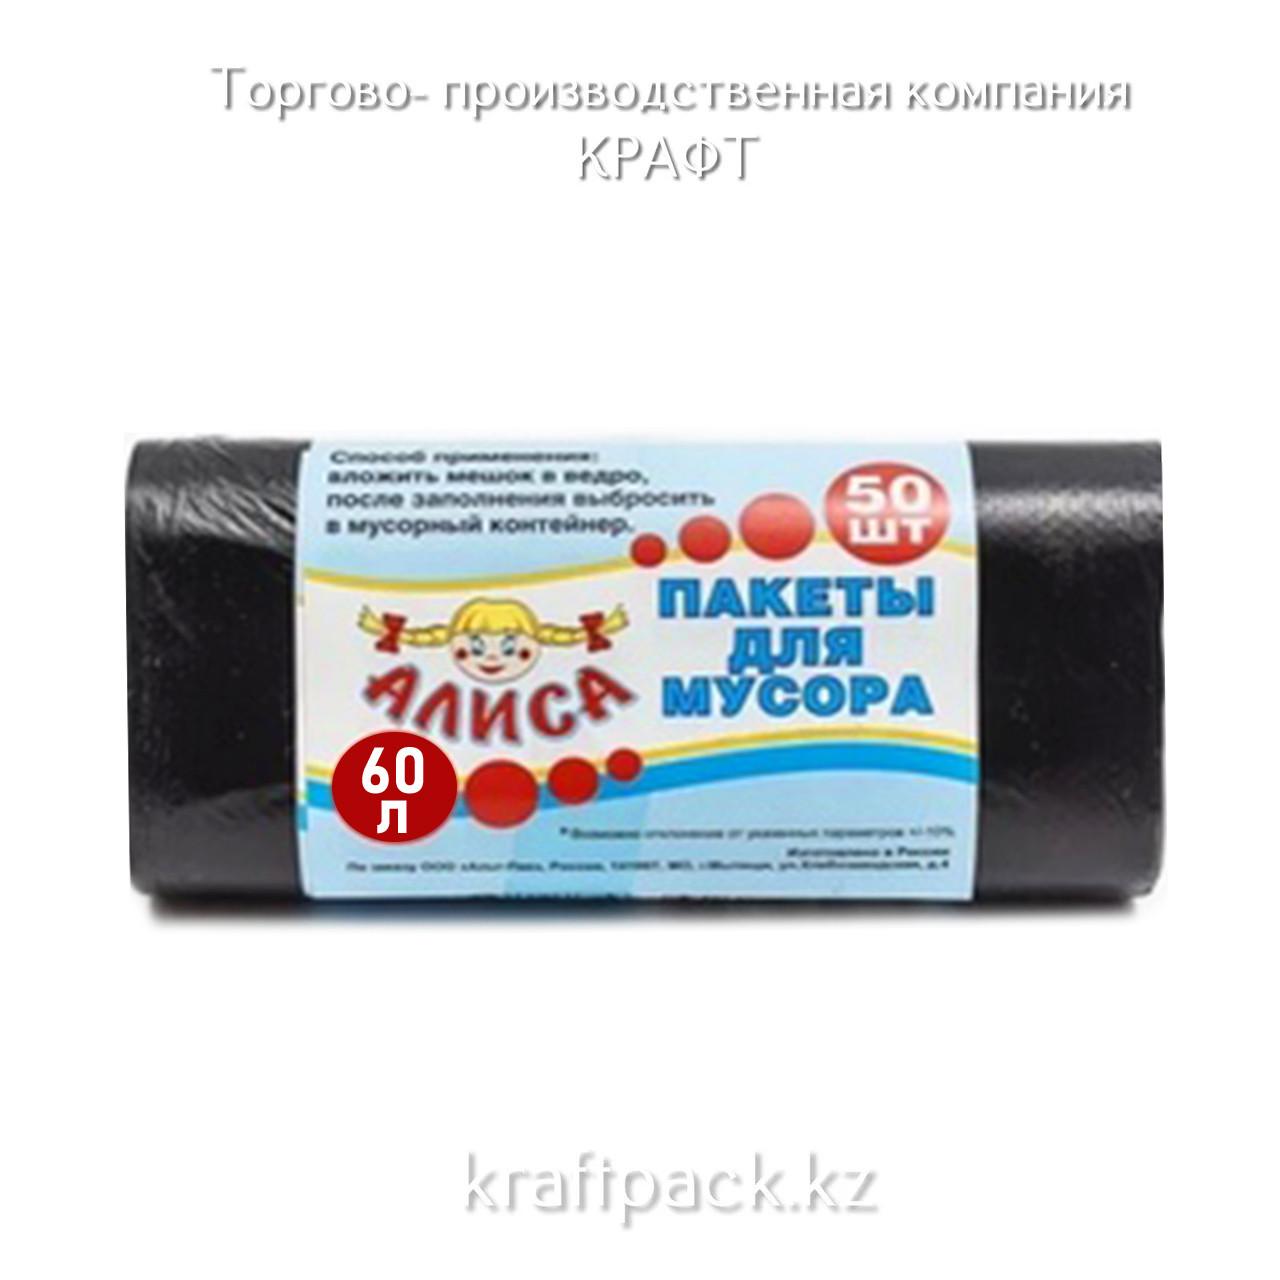 """Мешки для мусора ПНД 60*74, 60л """"АЛИСА"""" (50шт в рулоне)"""